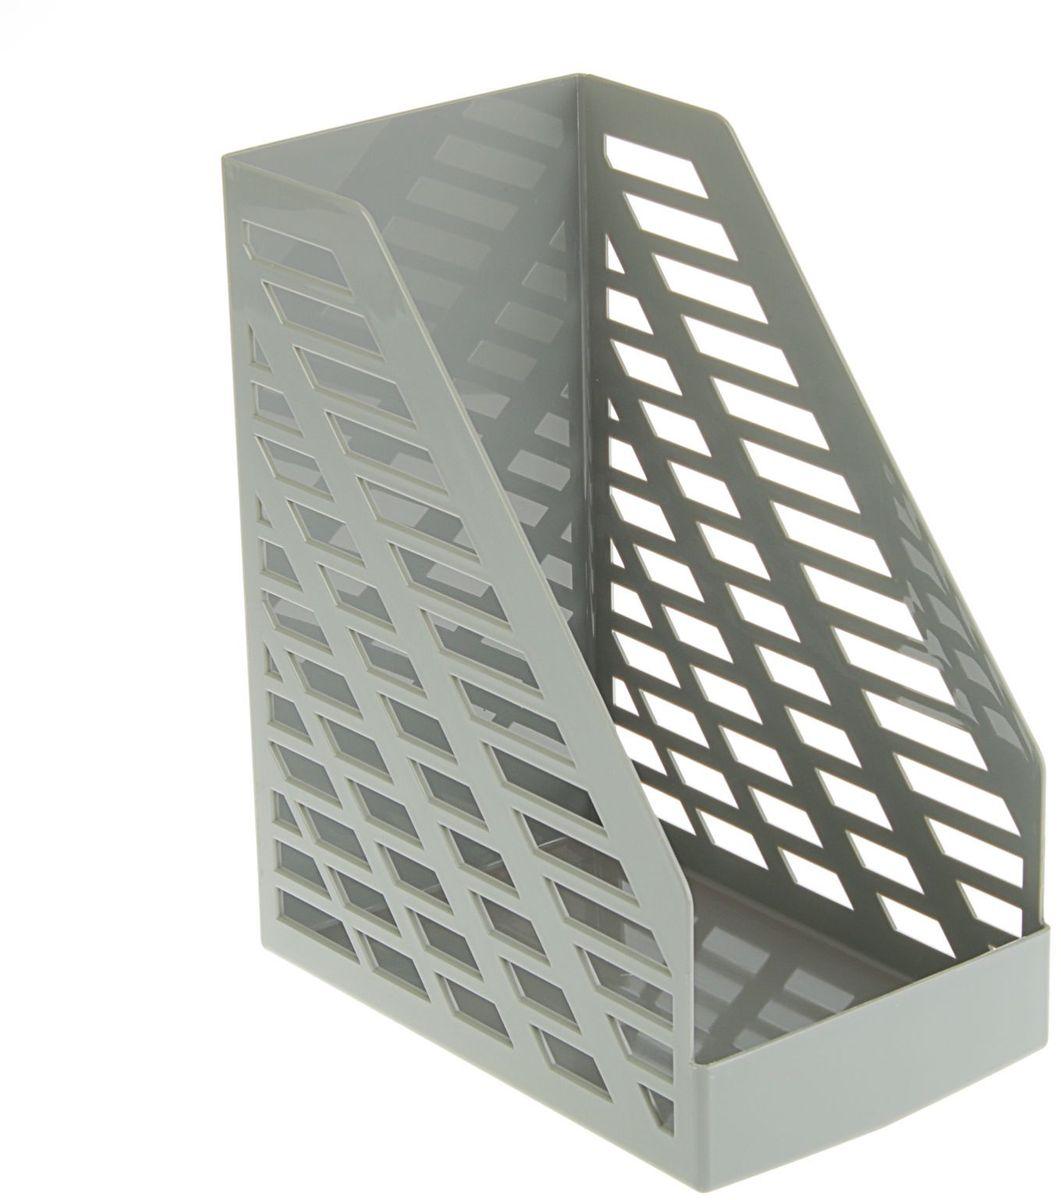 Стамм Лоток для бумаг вертикальный XXL цвет серый 1889792 Уцененный товар (№2)